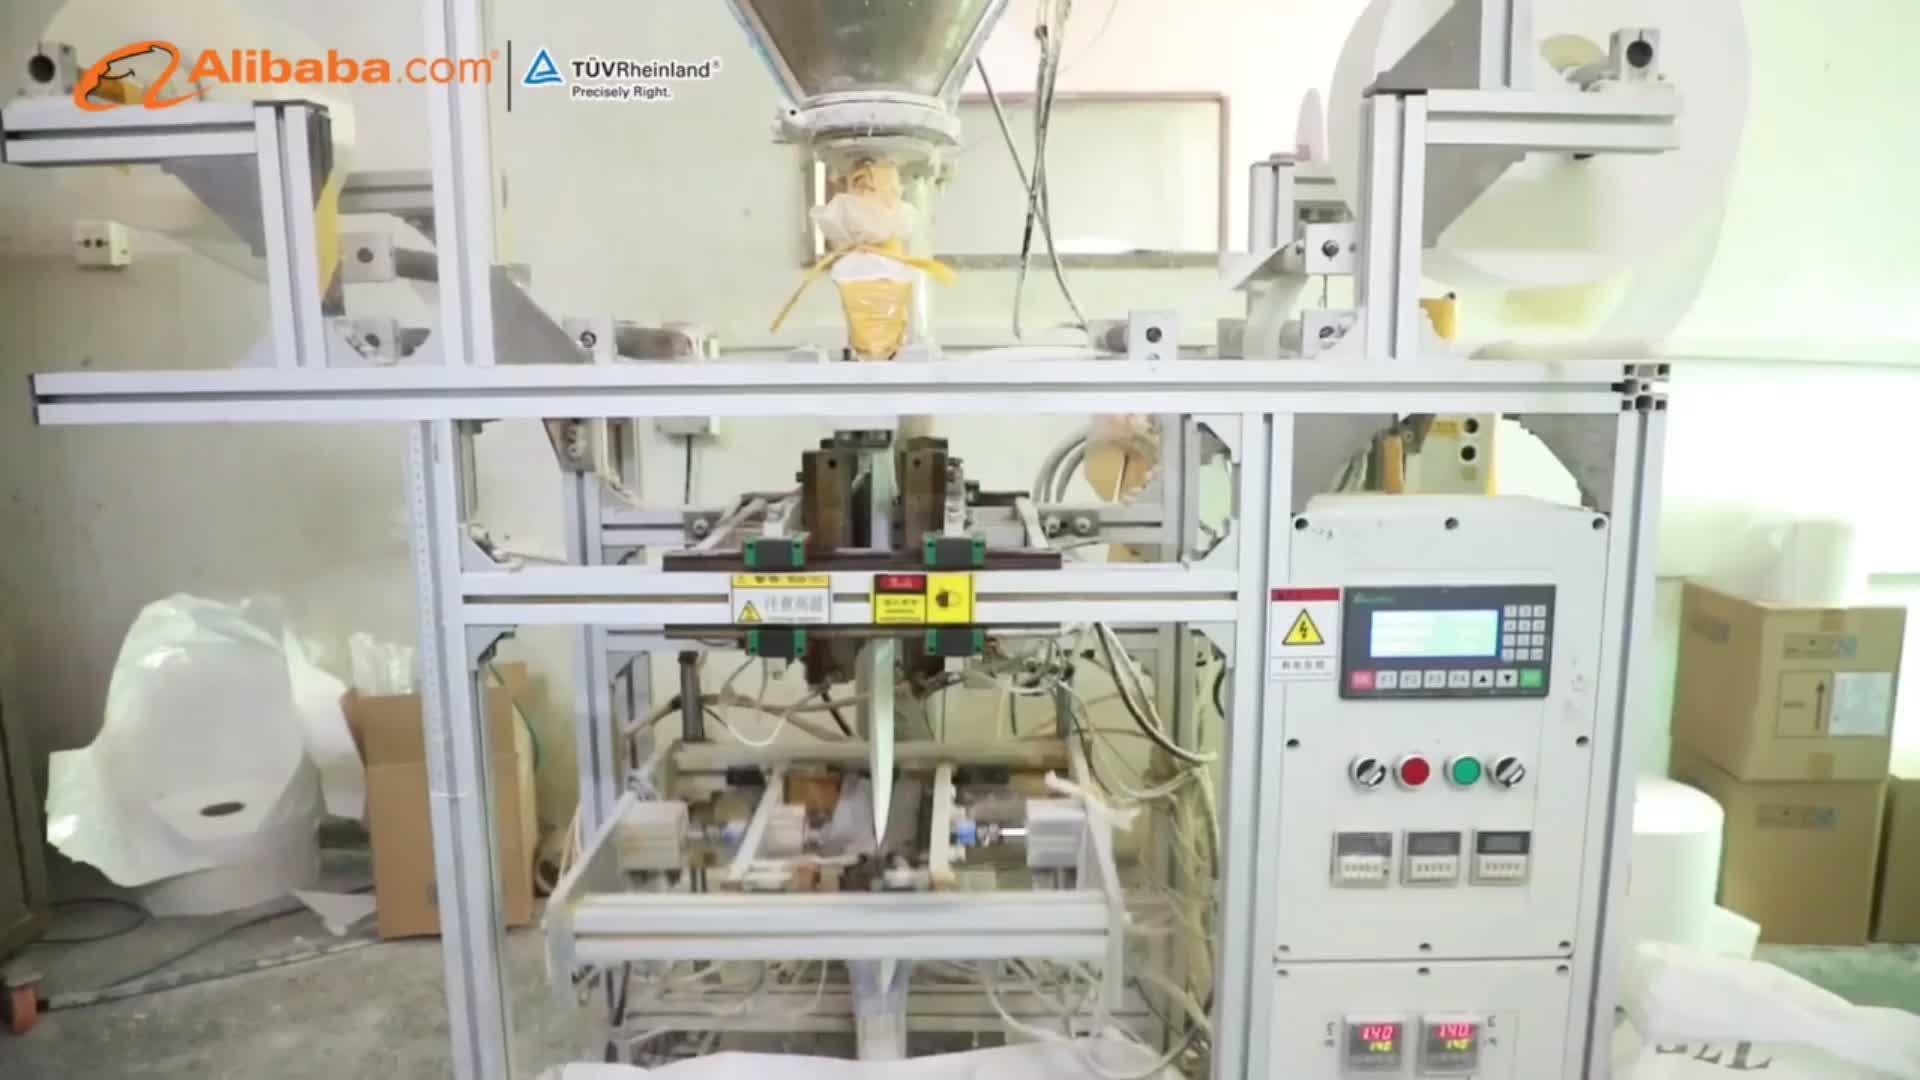 【厂家现货】氯化钙干燥剂1g克 10000包/箱 工业服装电子除湿防潮